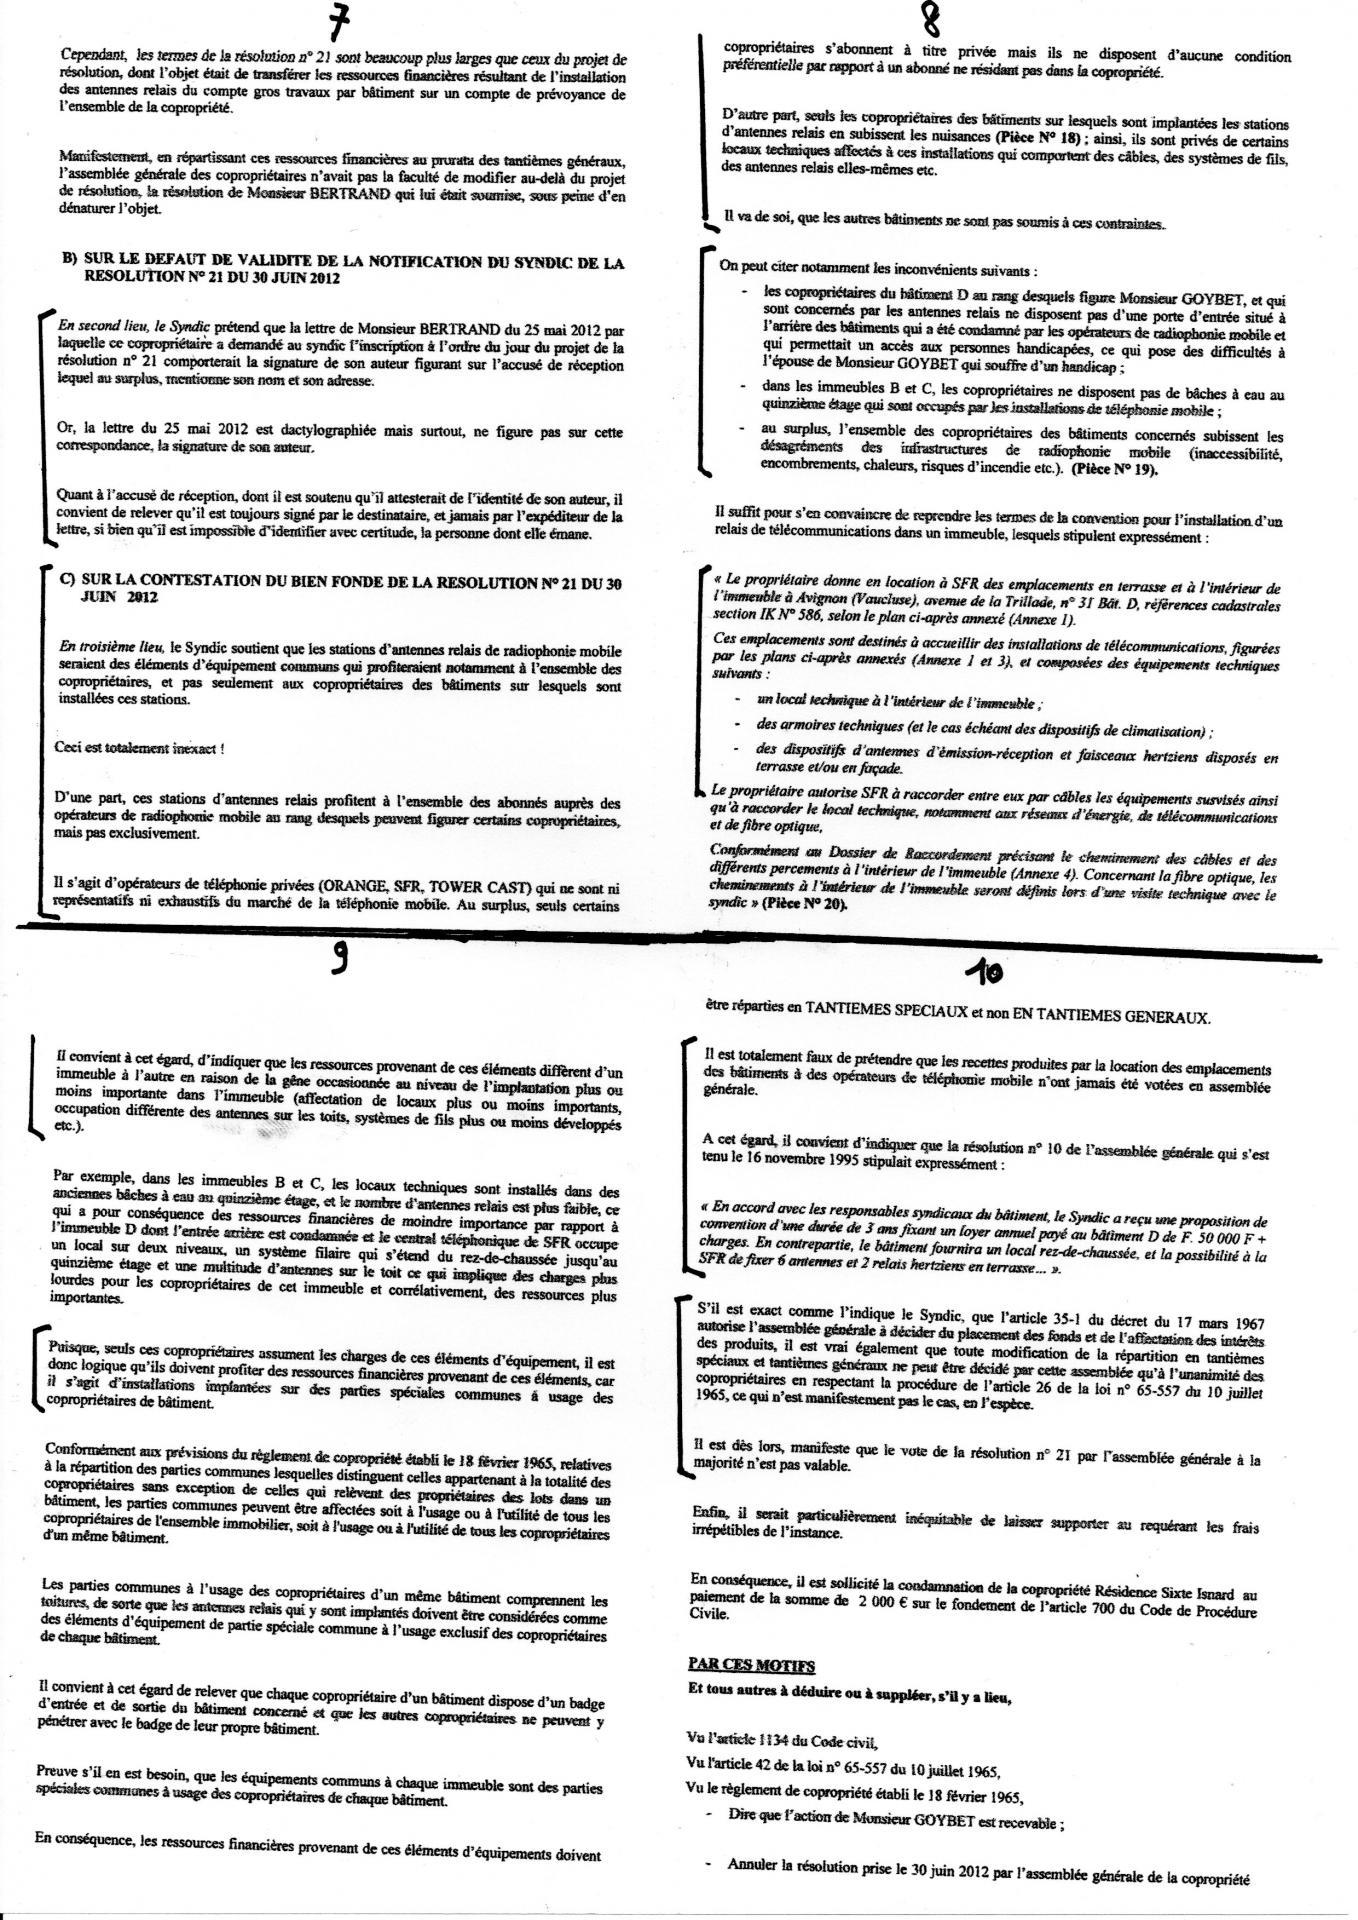 Conclusions maitre ferraiuolo pour mr goybet du 14 01 2014 2 20171104 10073144